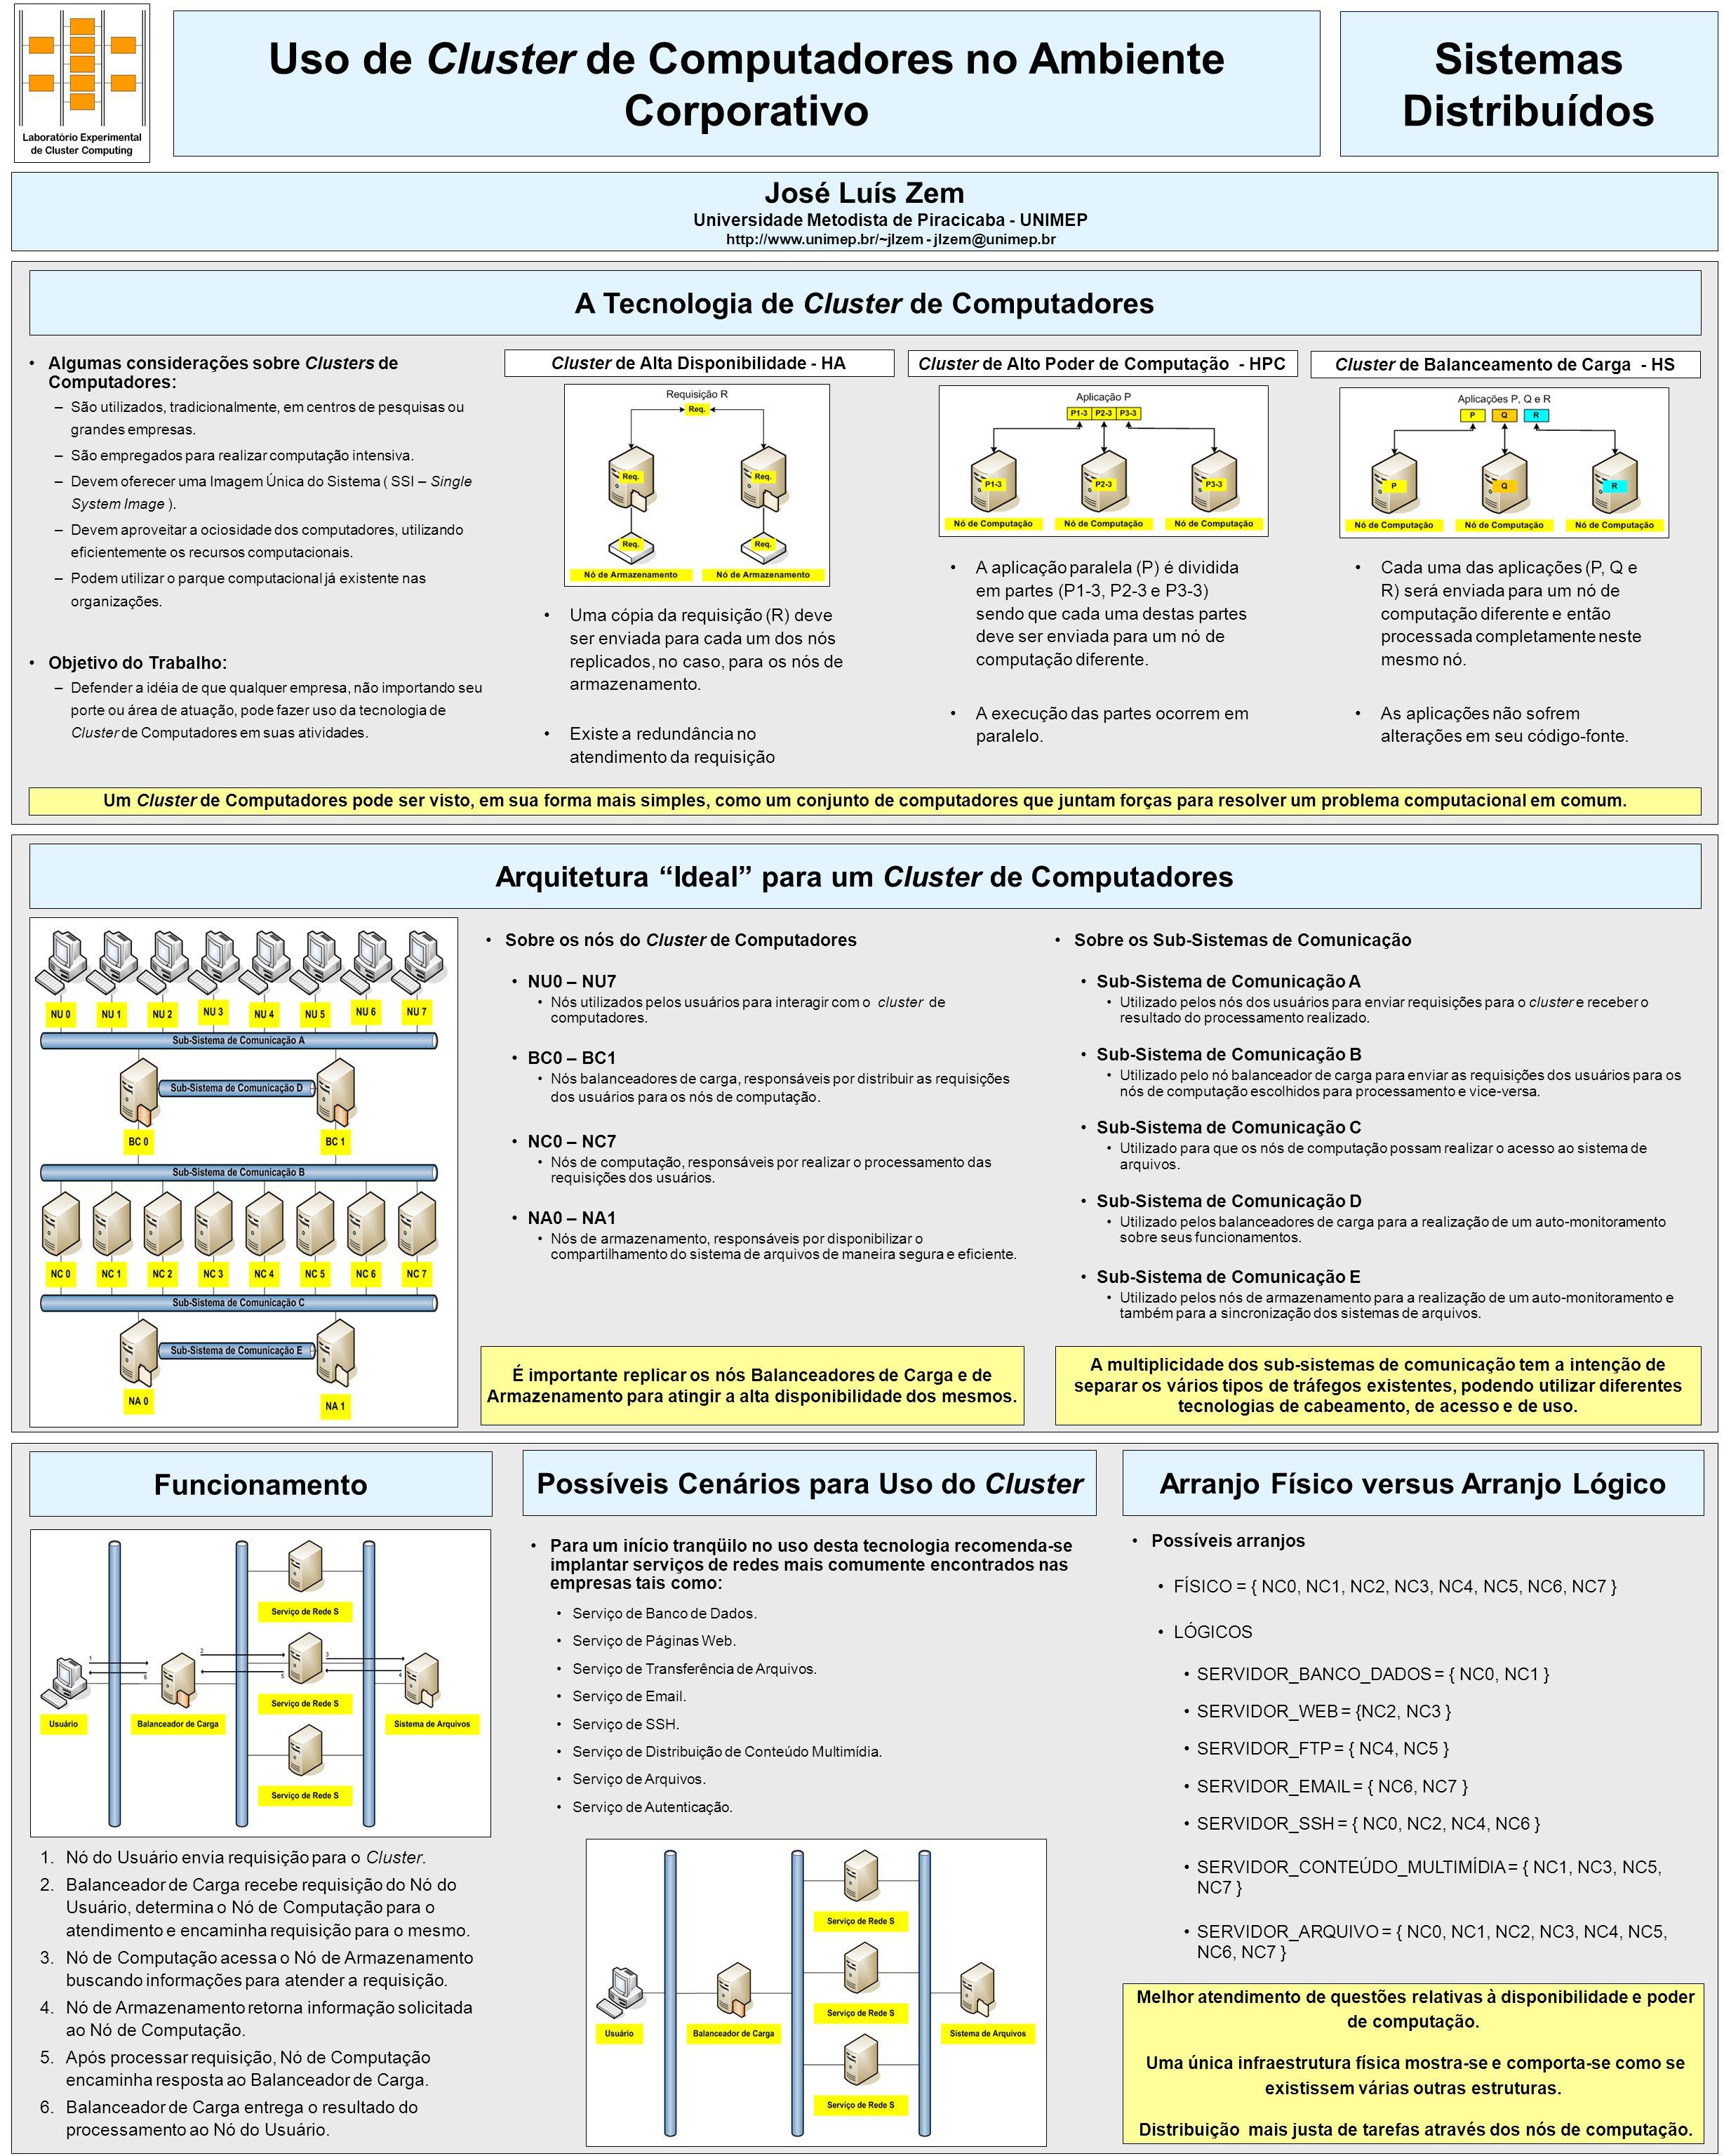 Uso de Cluster de Computadores no Ambiente Corporativo